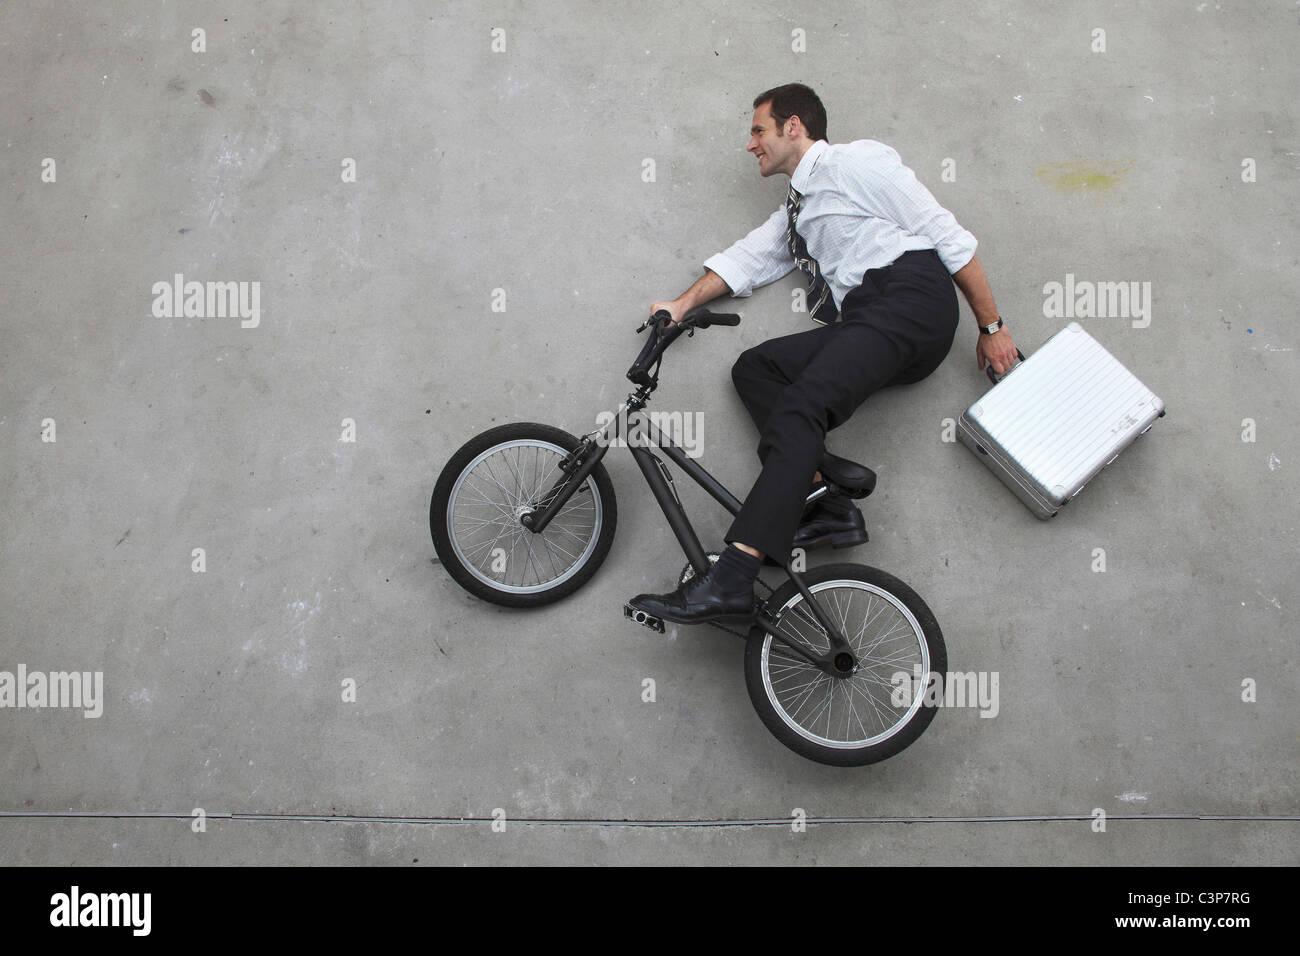 Geschäftsmann Reiten Fahrrad Holding Koffer, erhöhten Blick Stockbild